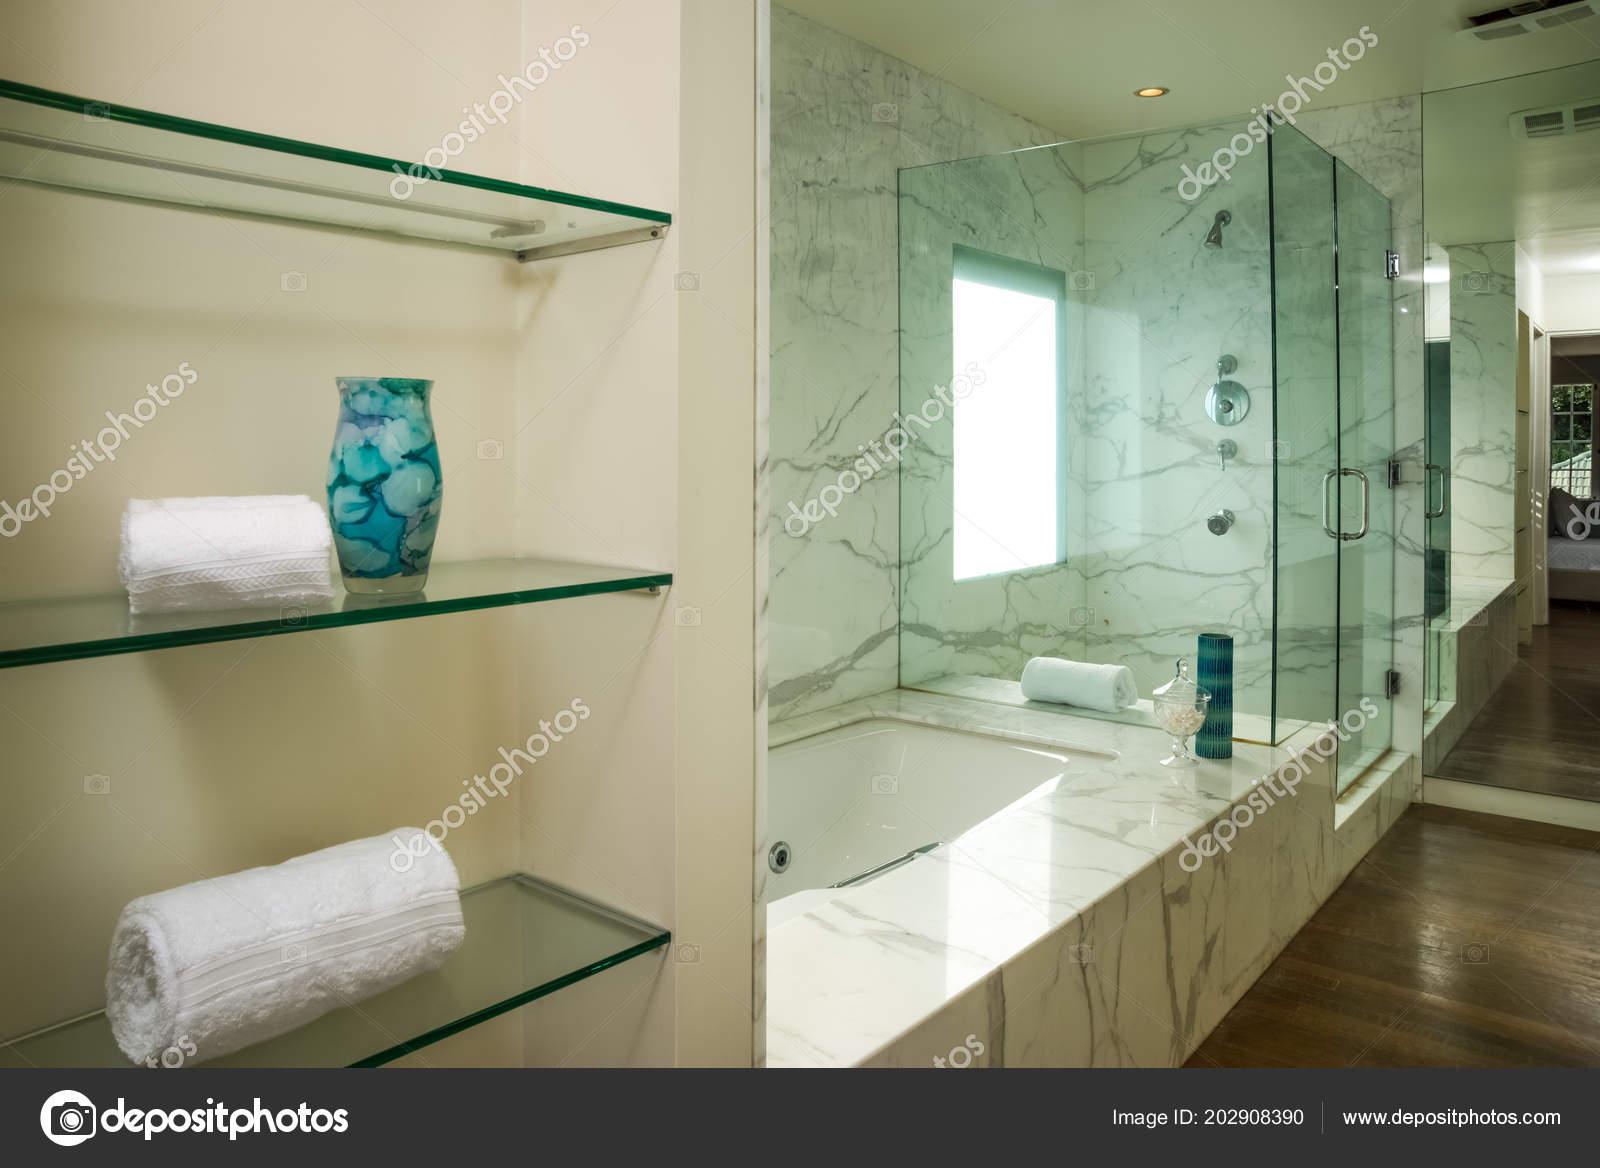 Decorar Interior Termino Que Refiere Decoracion Decoracion - Decorar-interiores-de-casas